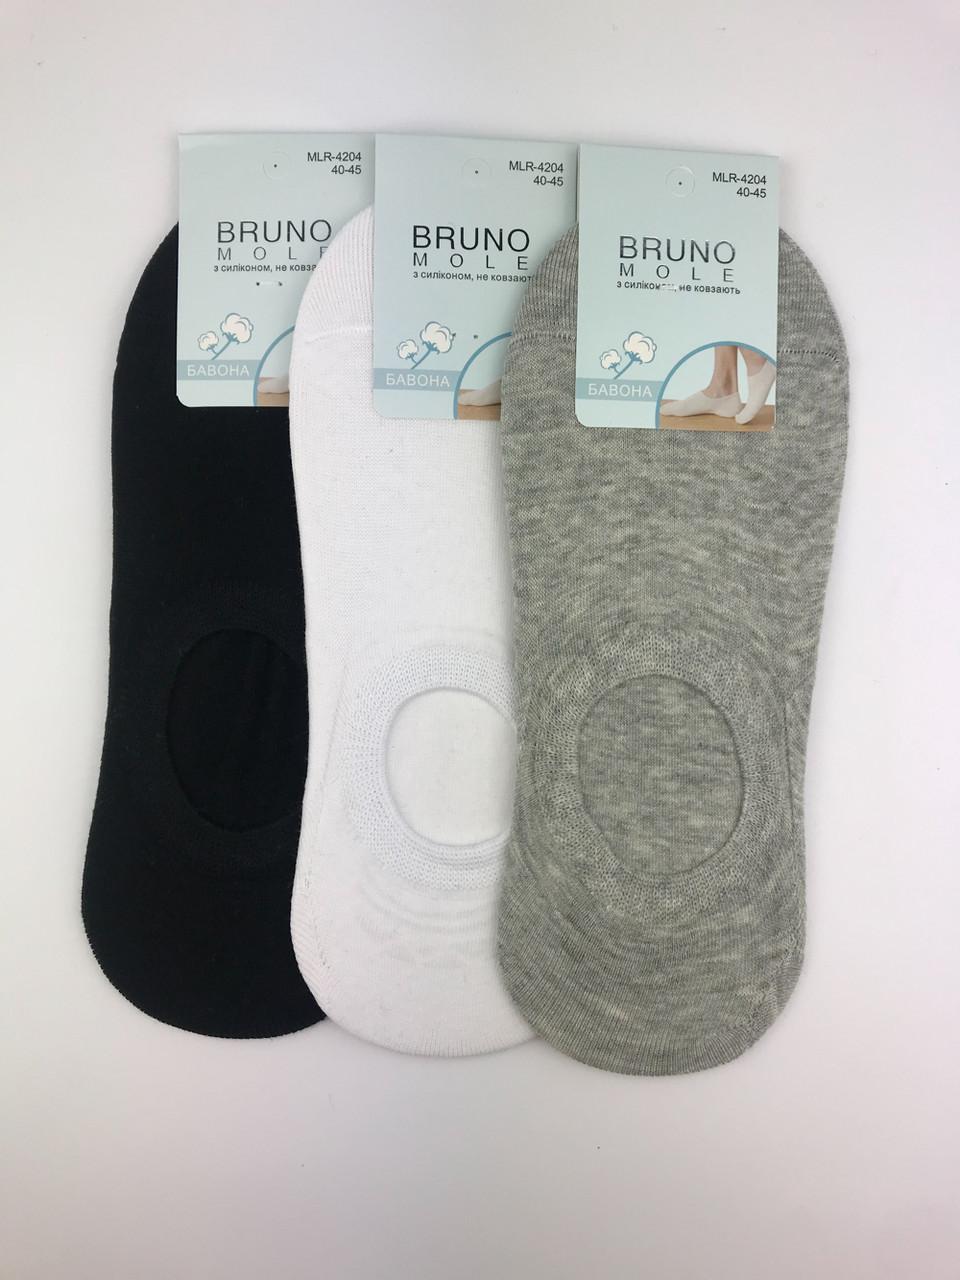 Носки-следы мужские BRUNO #MLR-4204, р.40-45